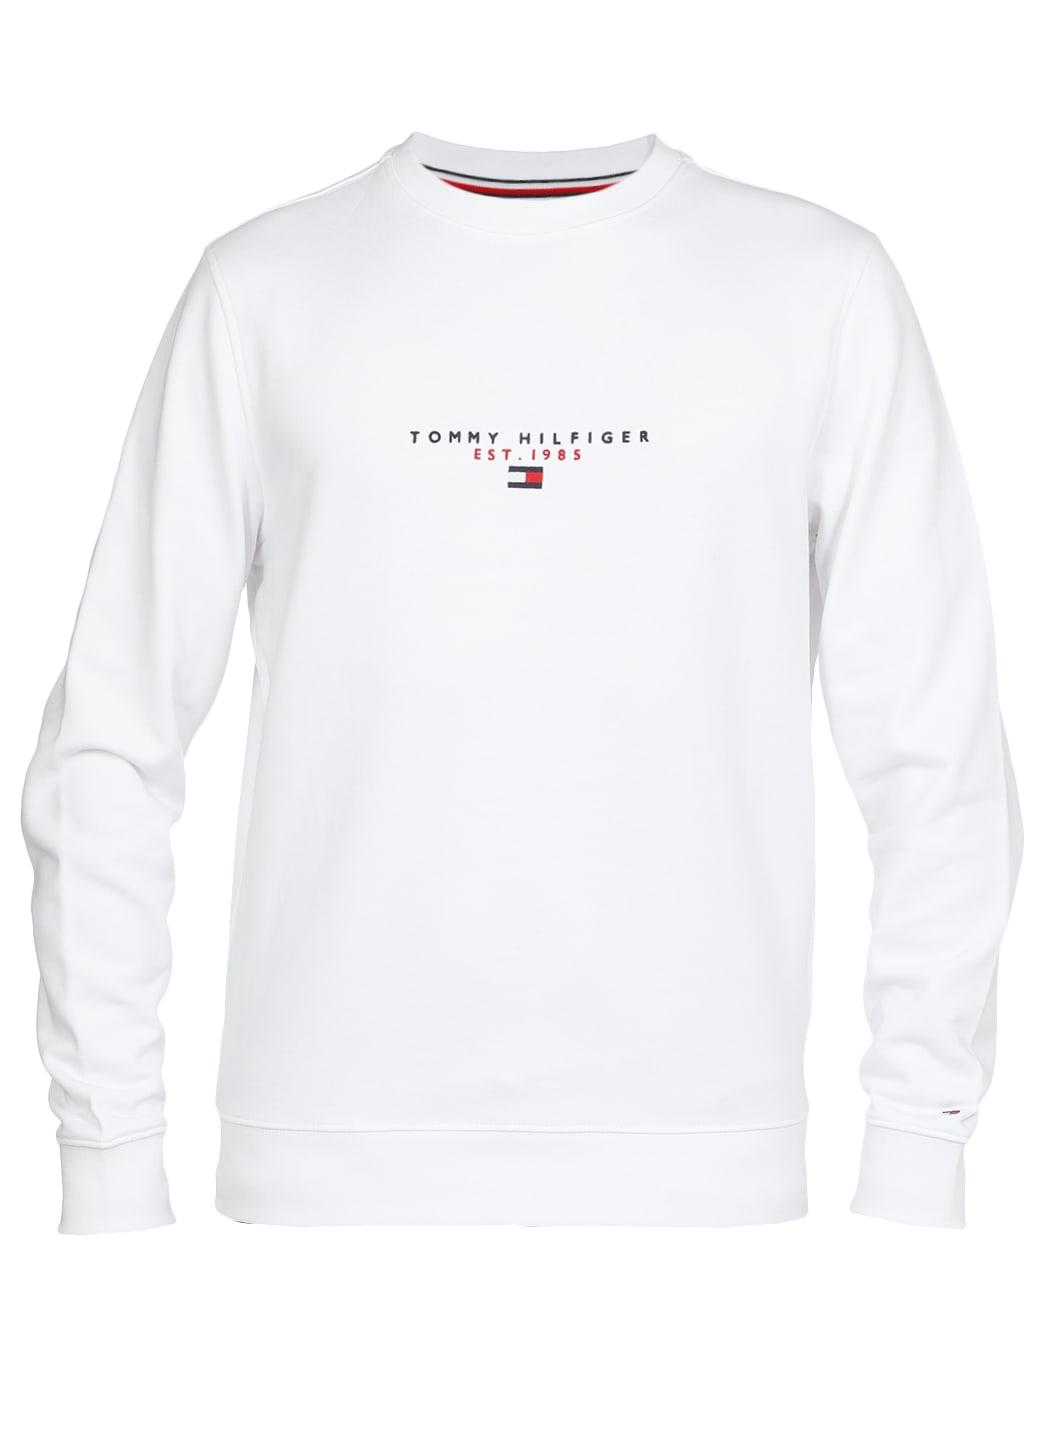 Tommy Hilfiger Cotton Logo Sweatshirt In White